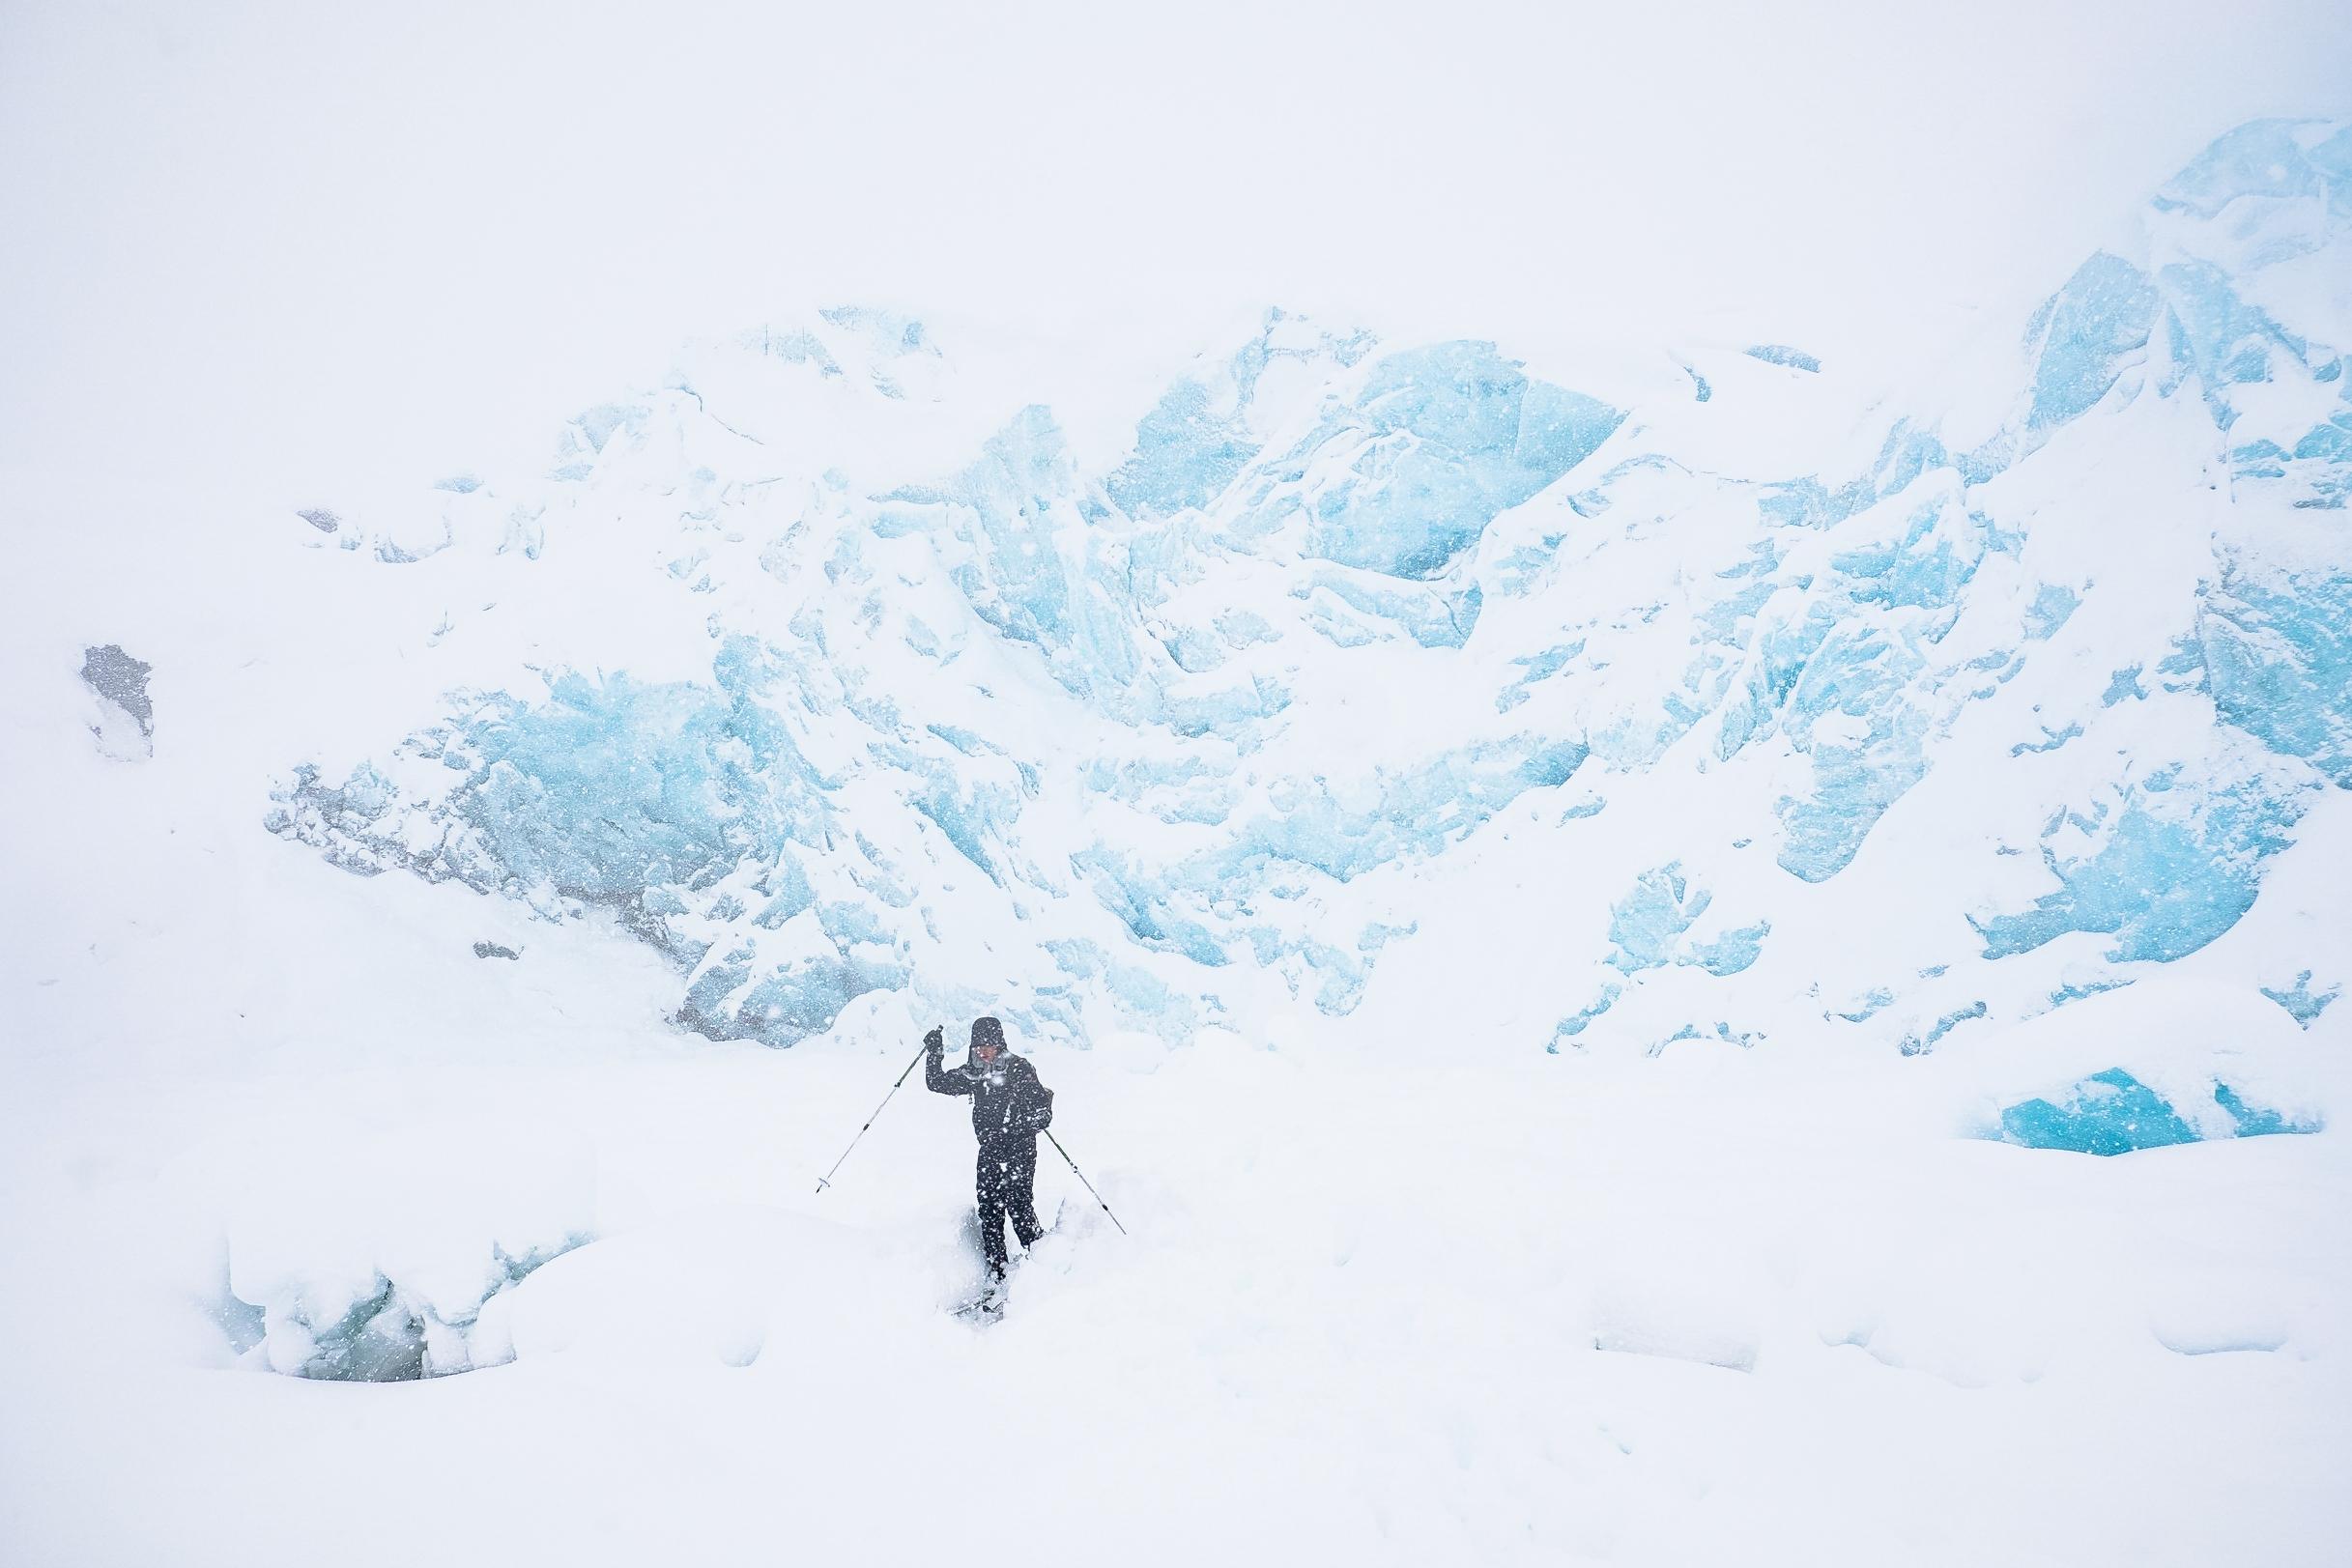 portage glacier-4464.jpg